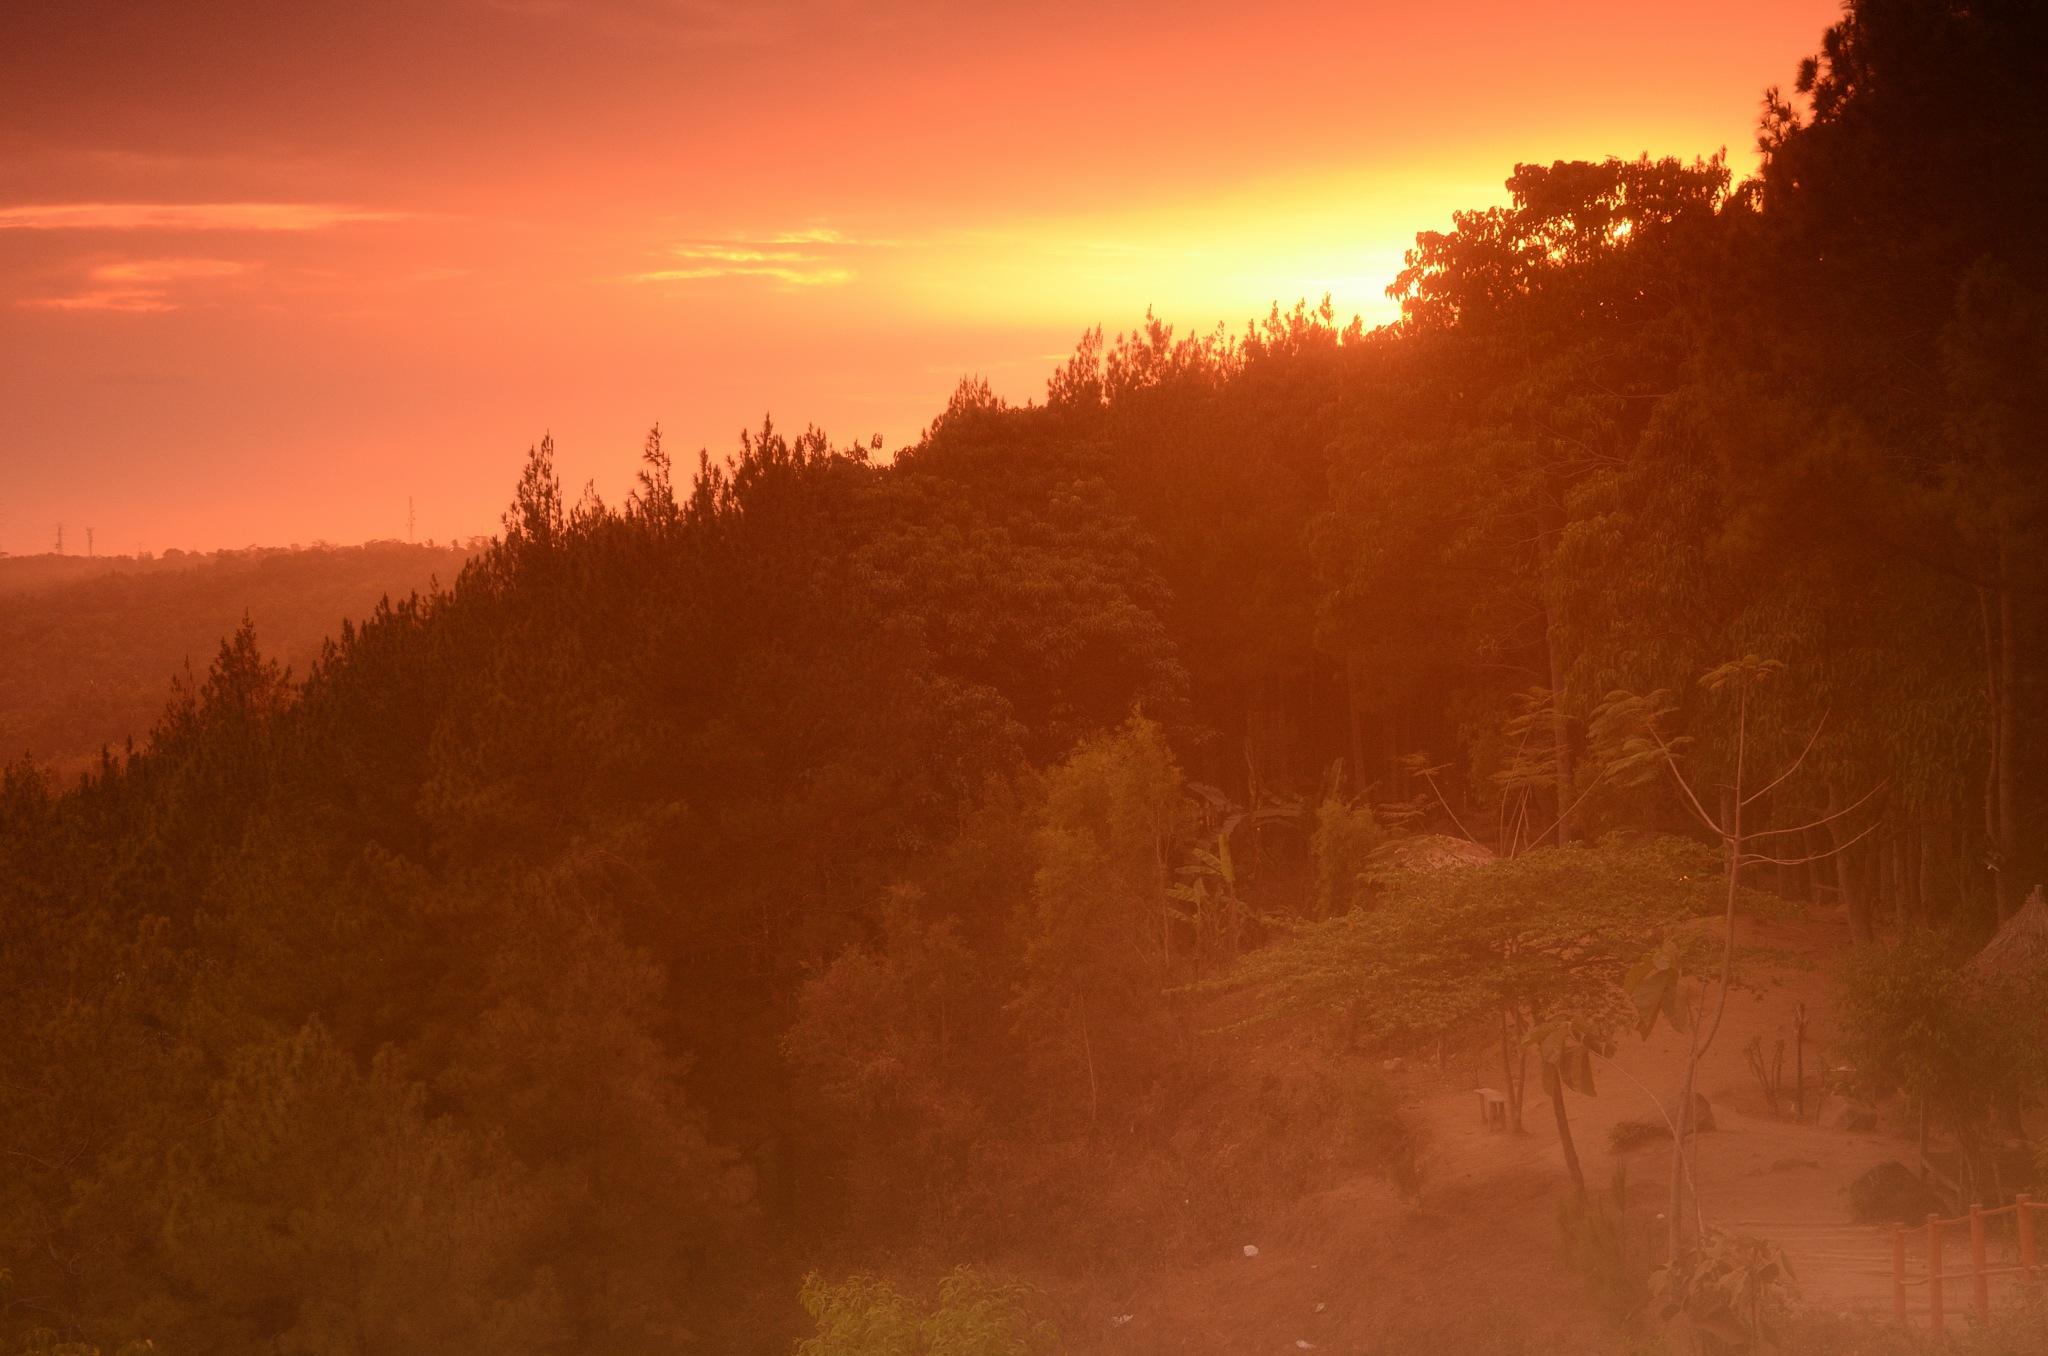 Sunrise by Yulius B Susilo